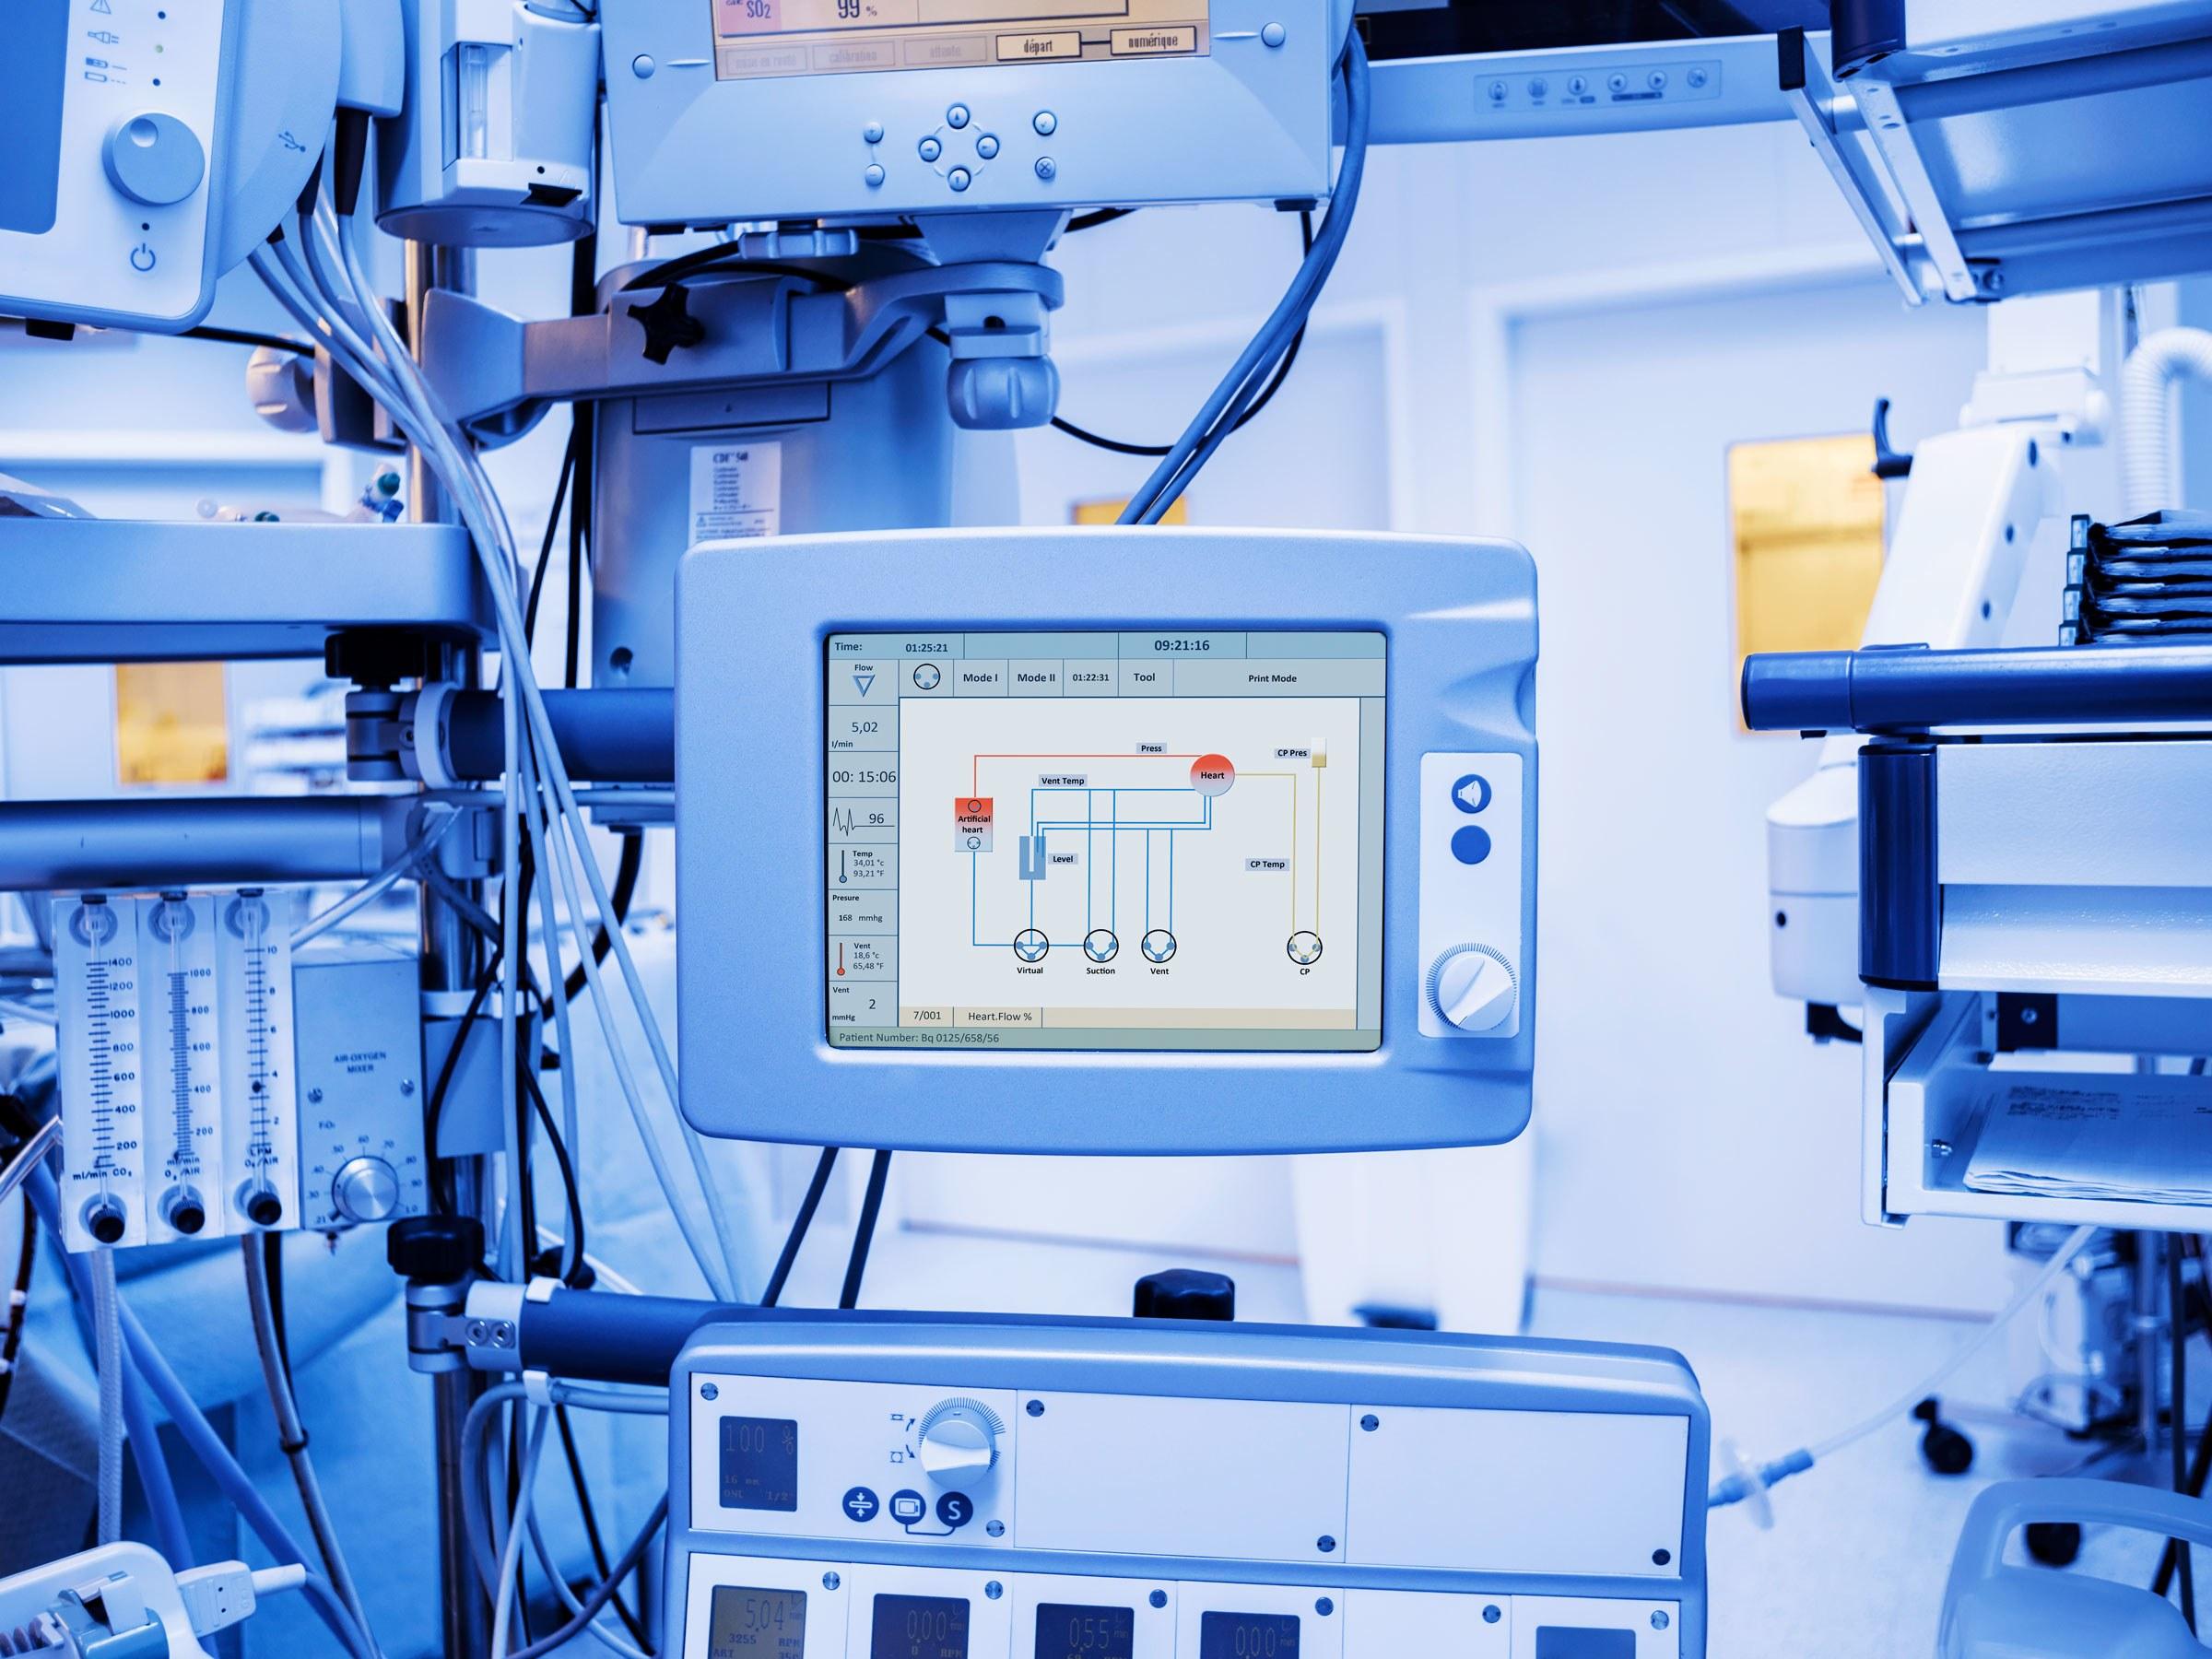 迪瑞医疗:3项医疗器械产品取得CE认证证书